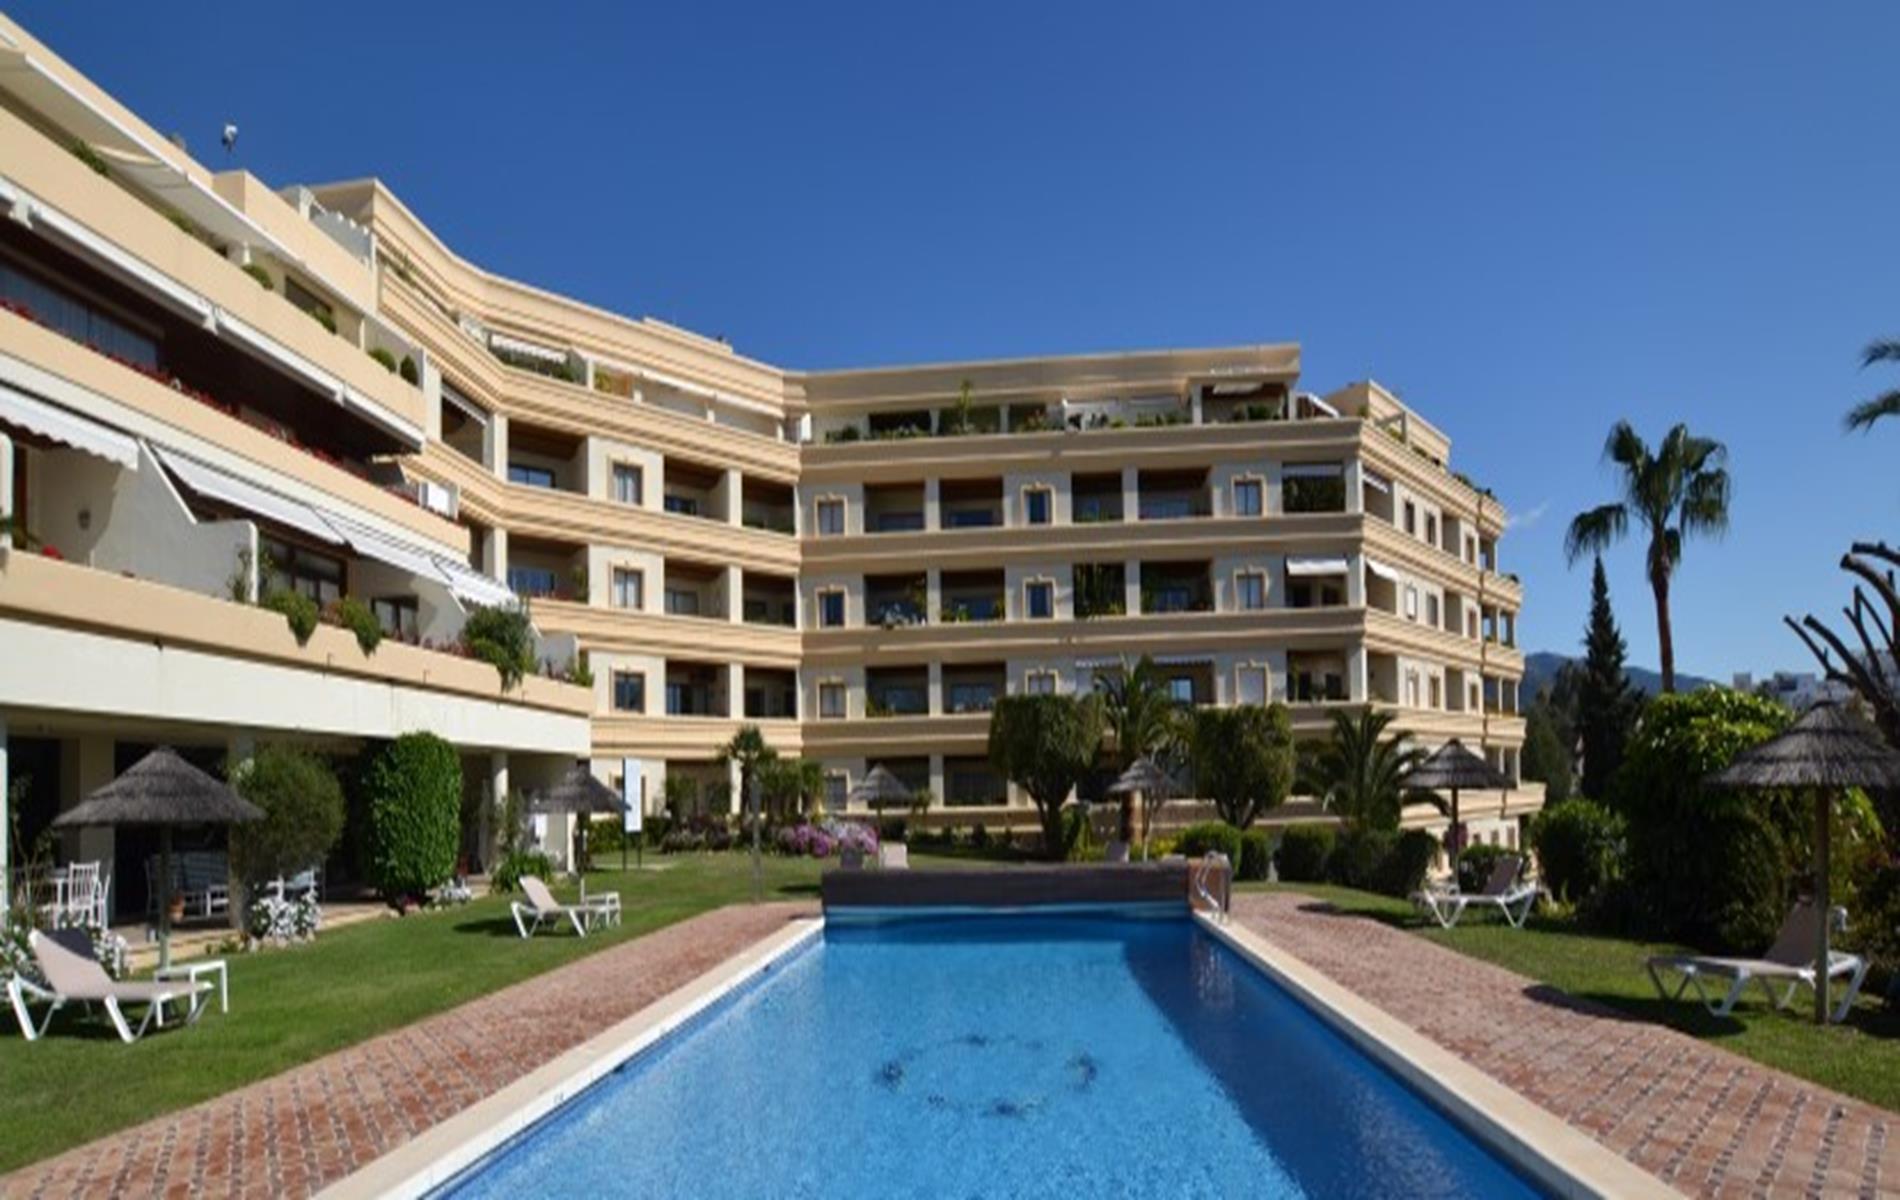 Cozy one bedroom apartment in Hotel Del Golf, Las Brisas